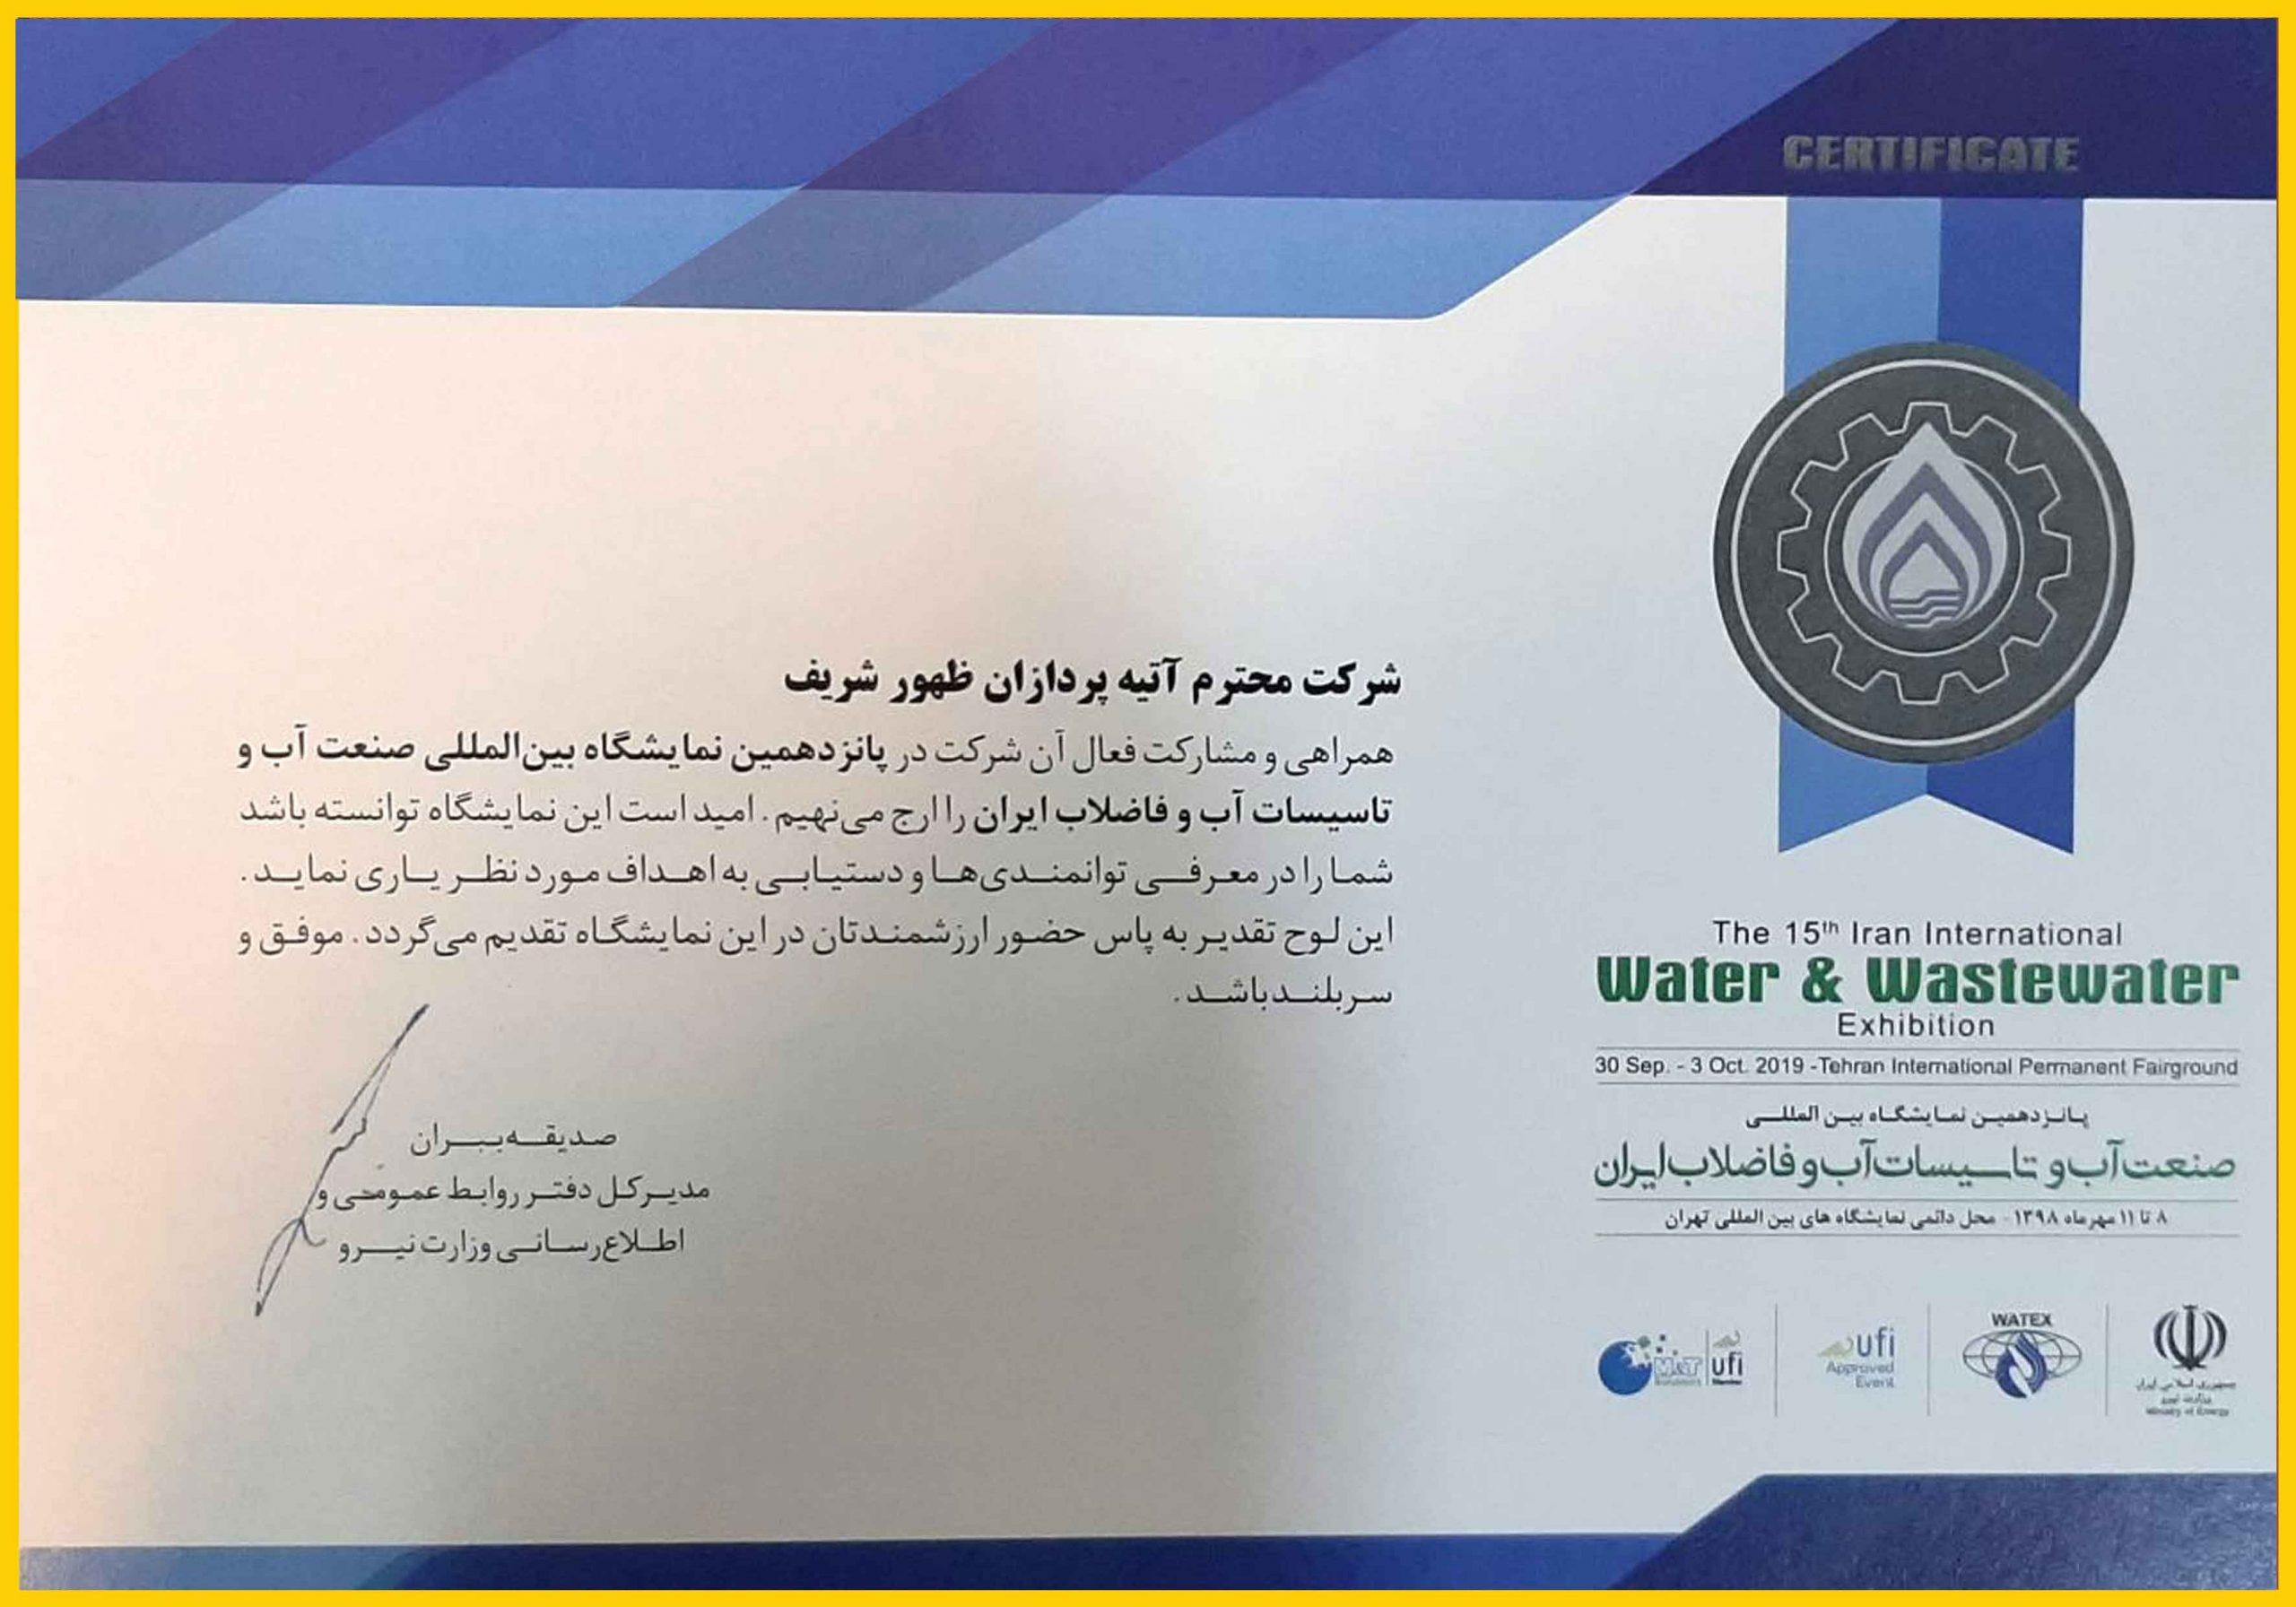 نمایشگاه بین المللی صنعت آب و تاسیسات آب و فاضلاب ایران